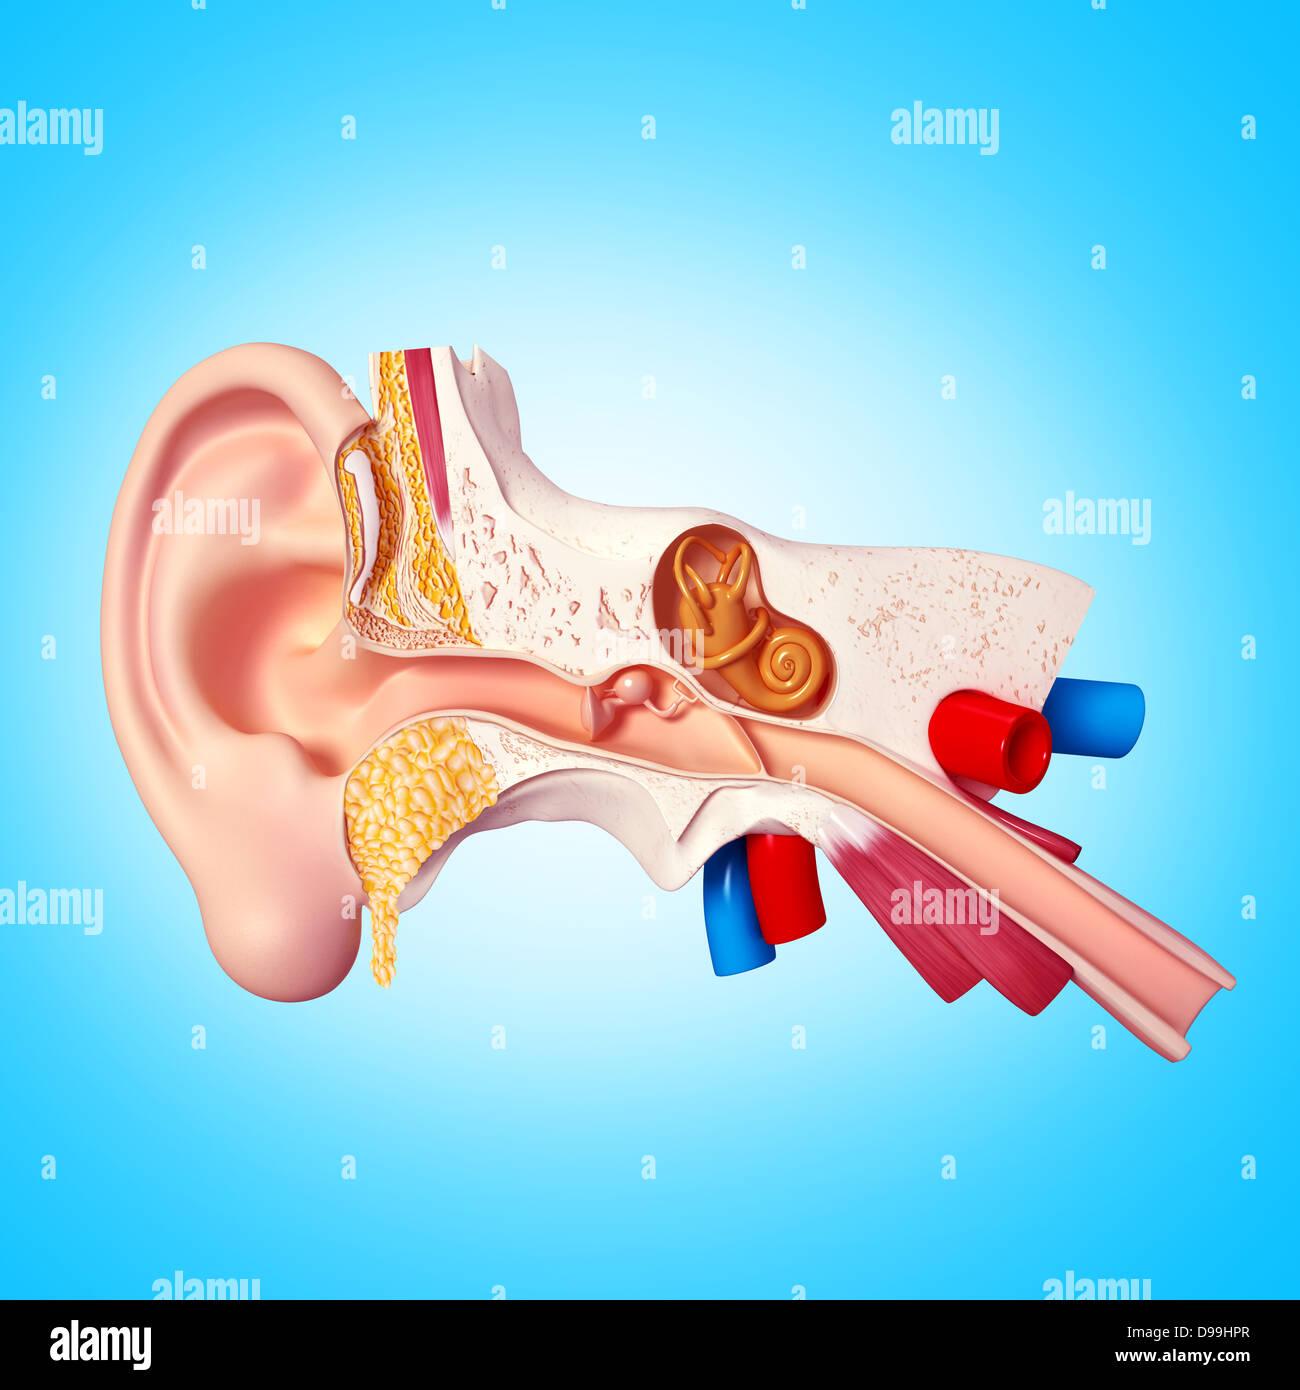 Ausgezeichnet Anatomie Physiologie Und Krankheits Arbeitsmappe ...